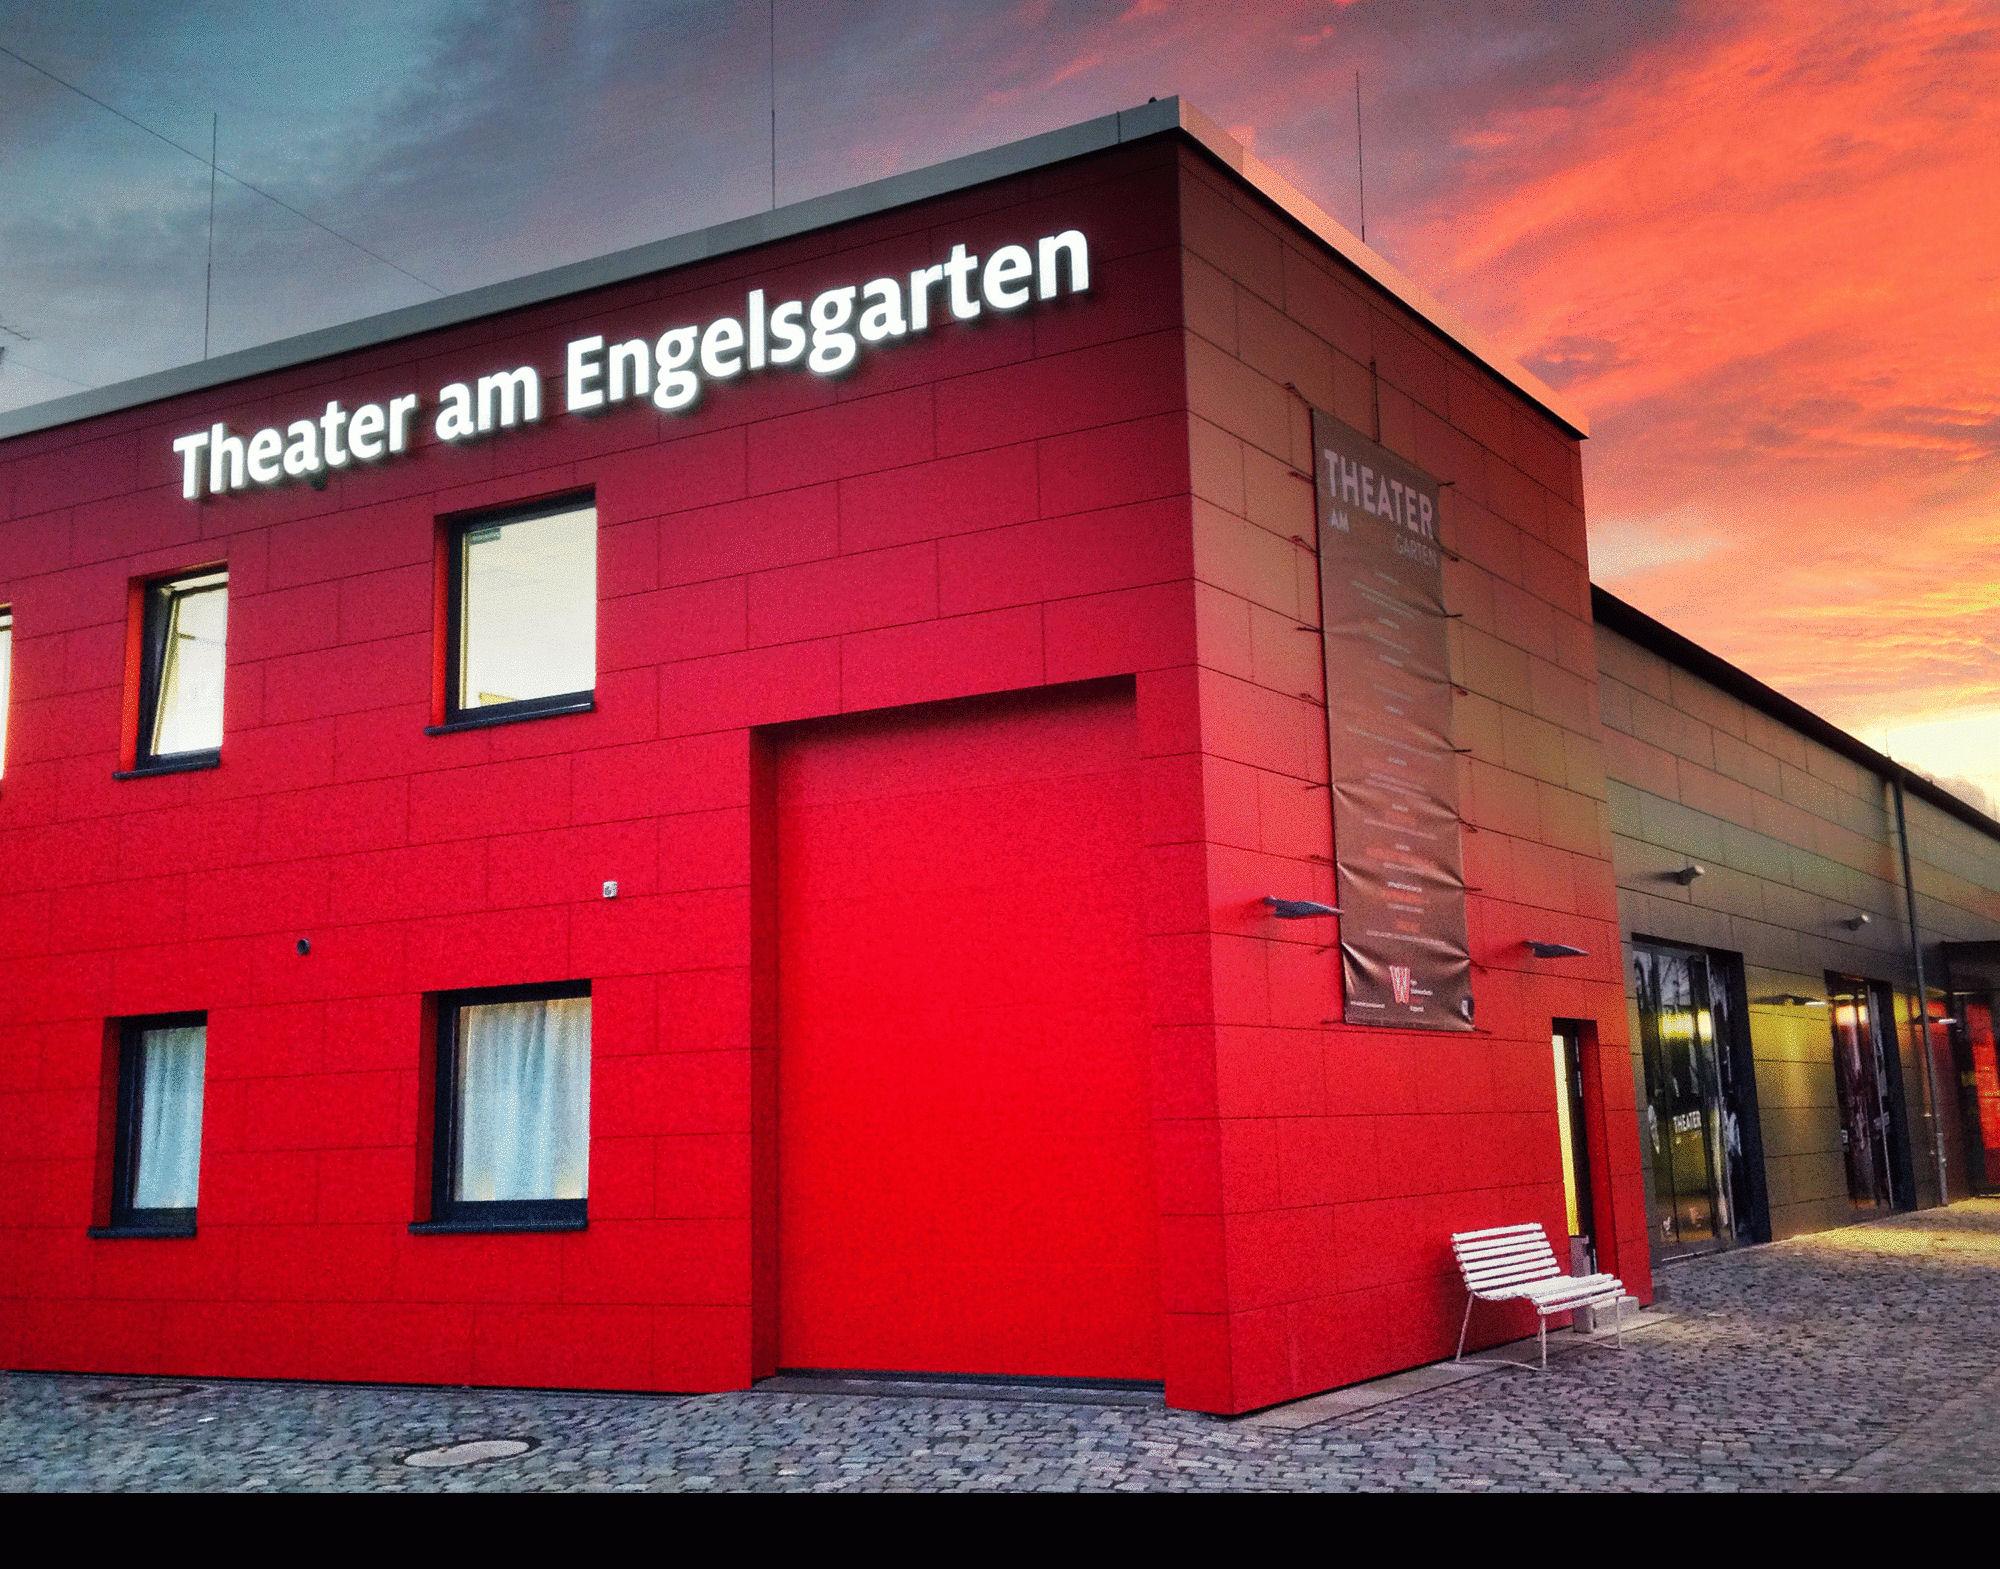 Theater am Engelsgarten